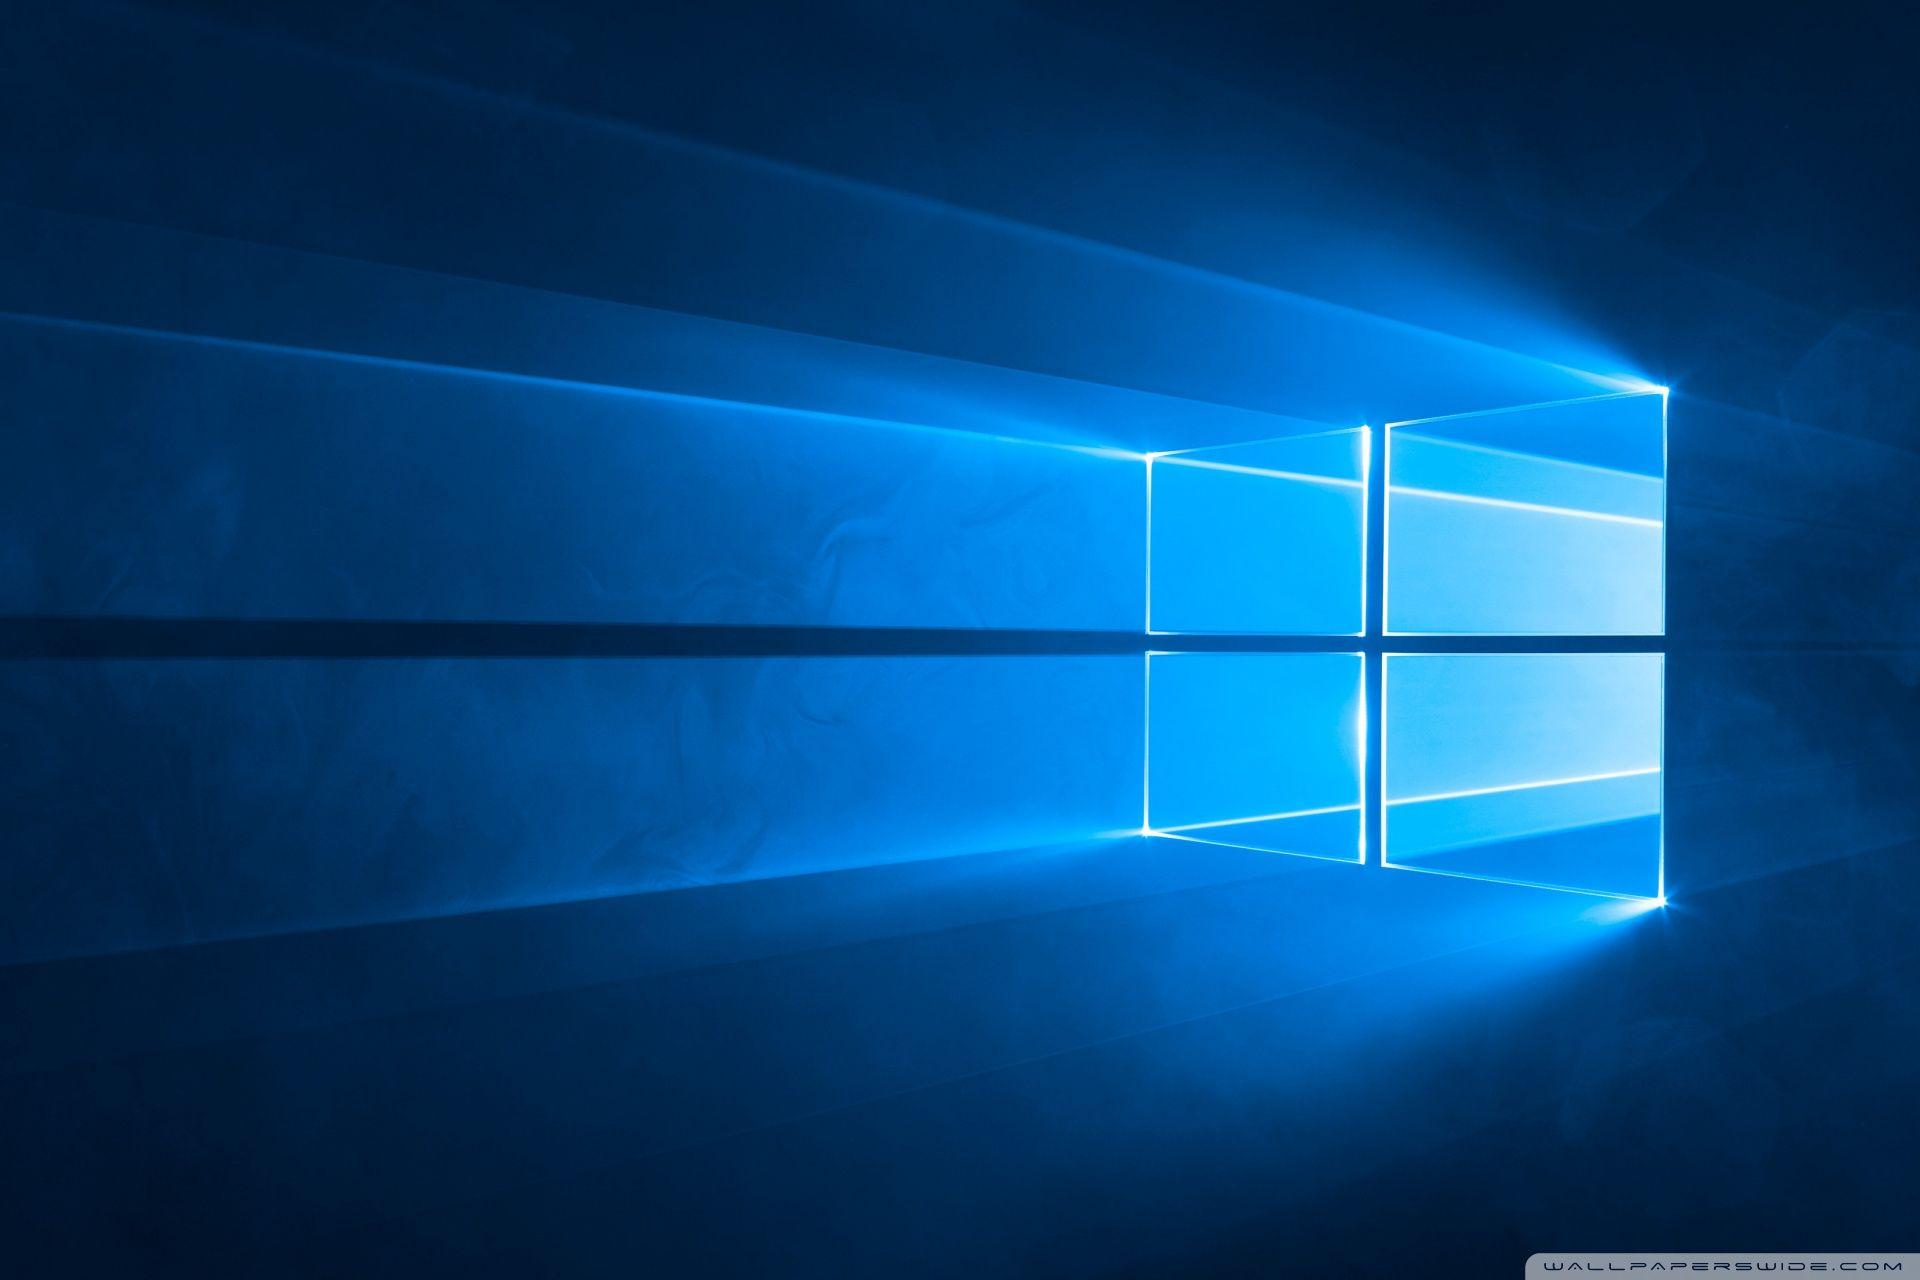 Windows 7 Seven Wallpaper Fondos De Escritorio Wallpapers: Windows 10 Hero 4K HD Desktop Wallpaper : Widescreen